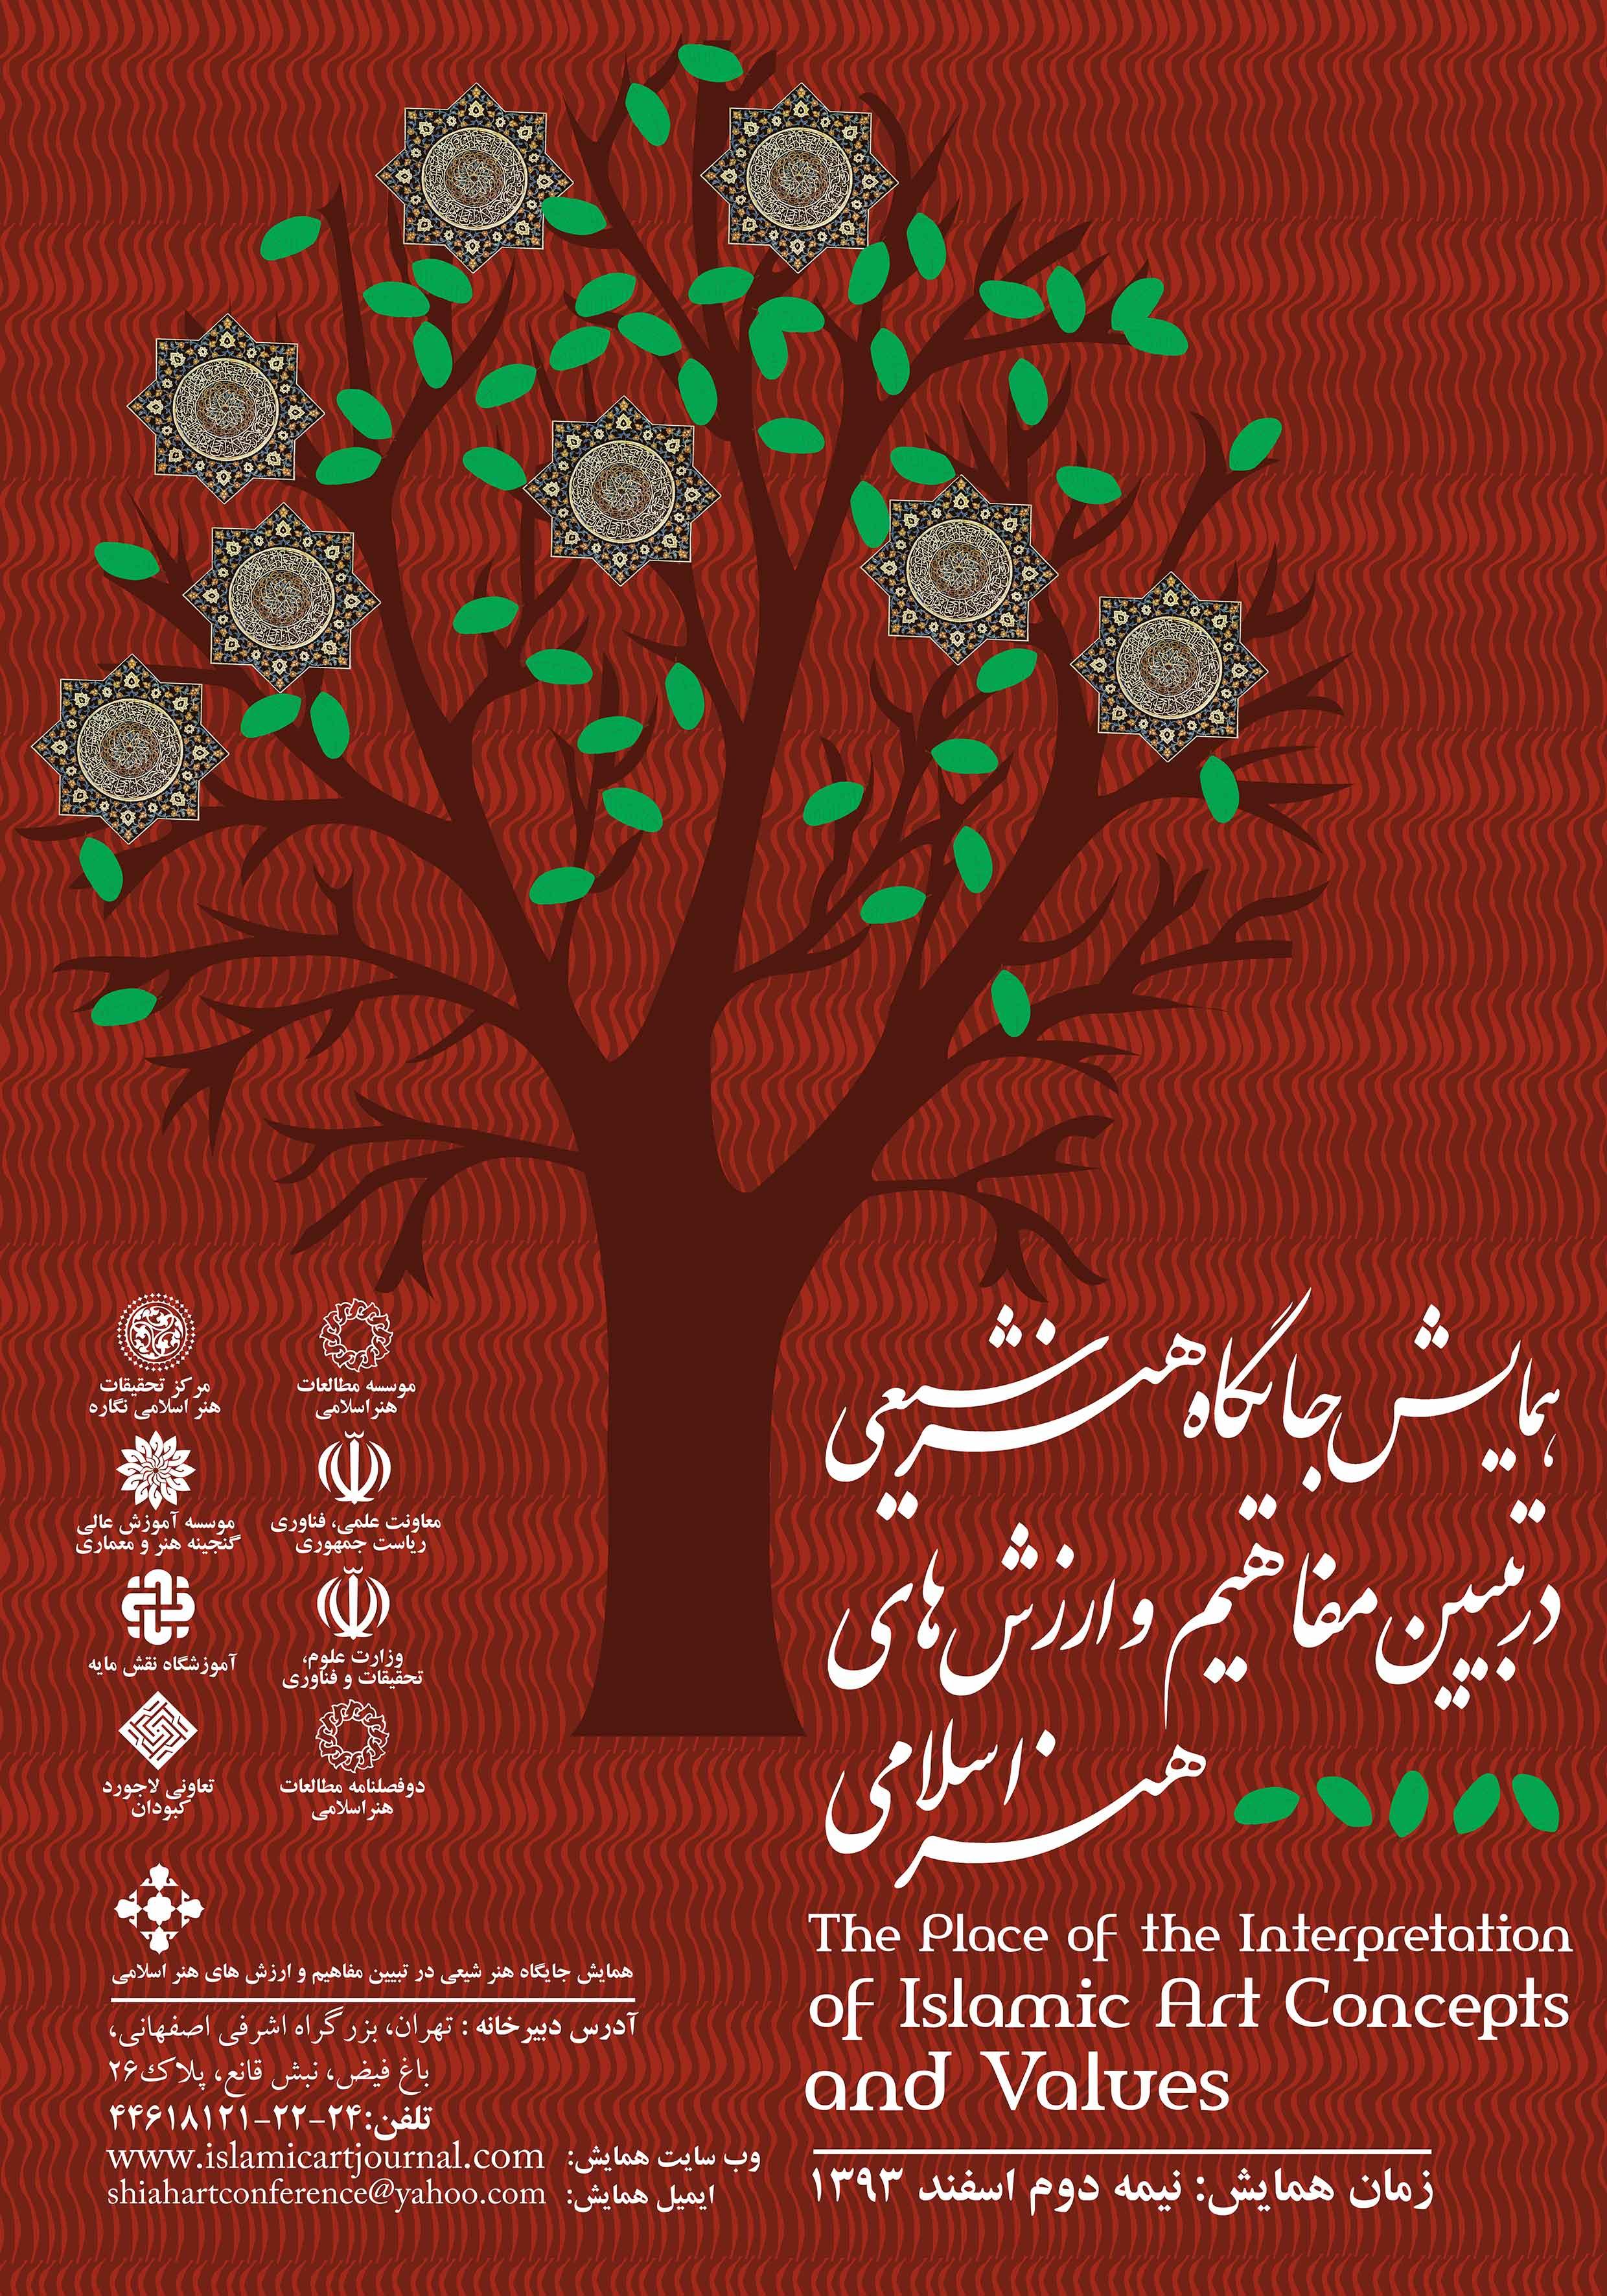 همایش جایگاه هنرشیعی در تبیین مفاهیم و ارزش های جایگاه مبانی نظری هنر شیعی در تمدن اسلامی